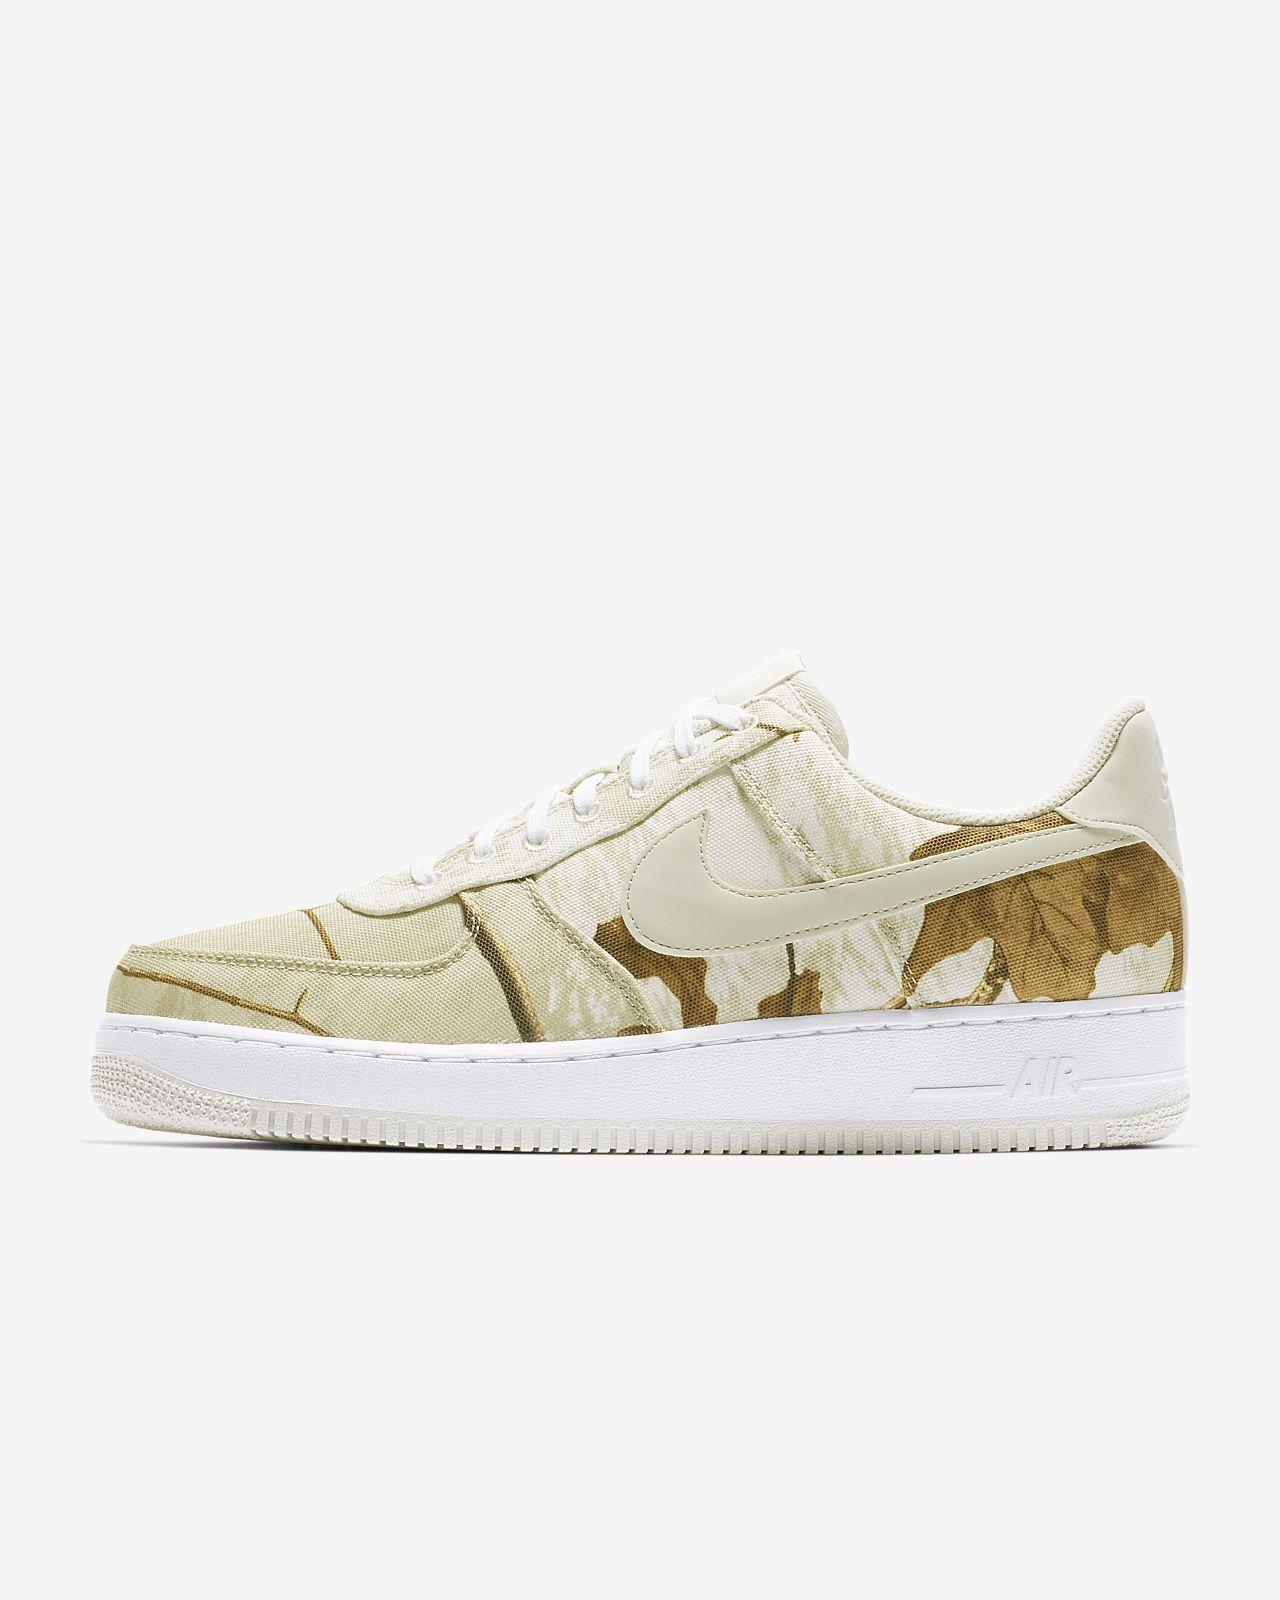 Sapatilhas Nike Air Force 1 '07 LV8 3 Realtree® para homem